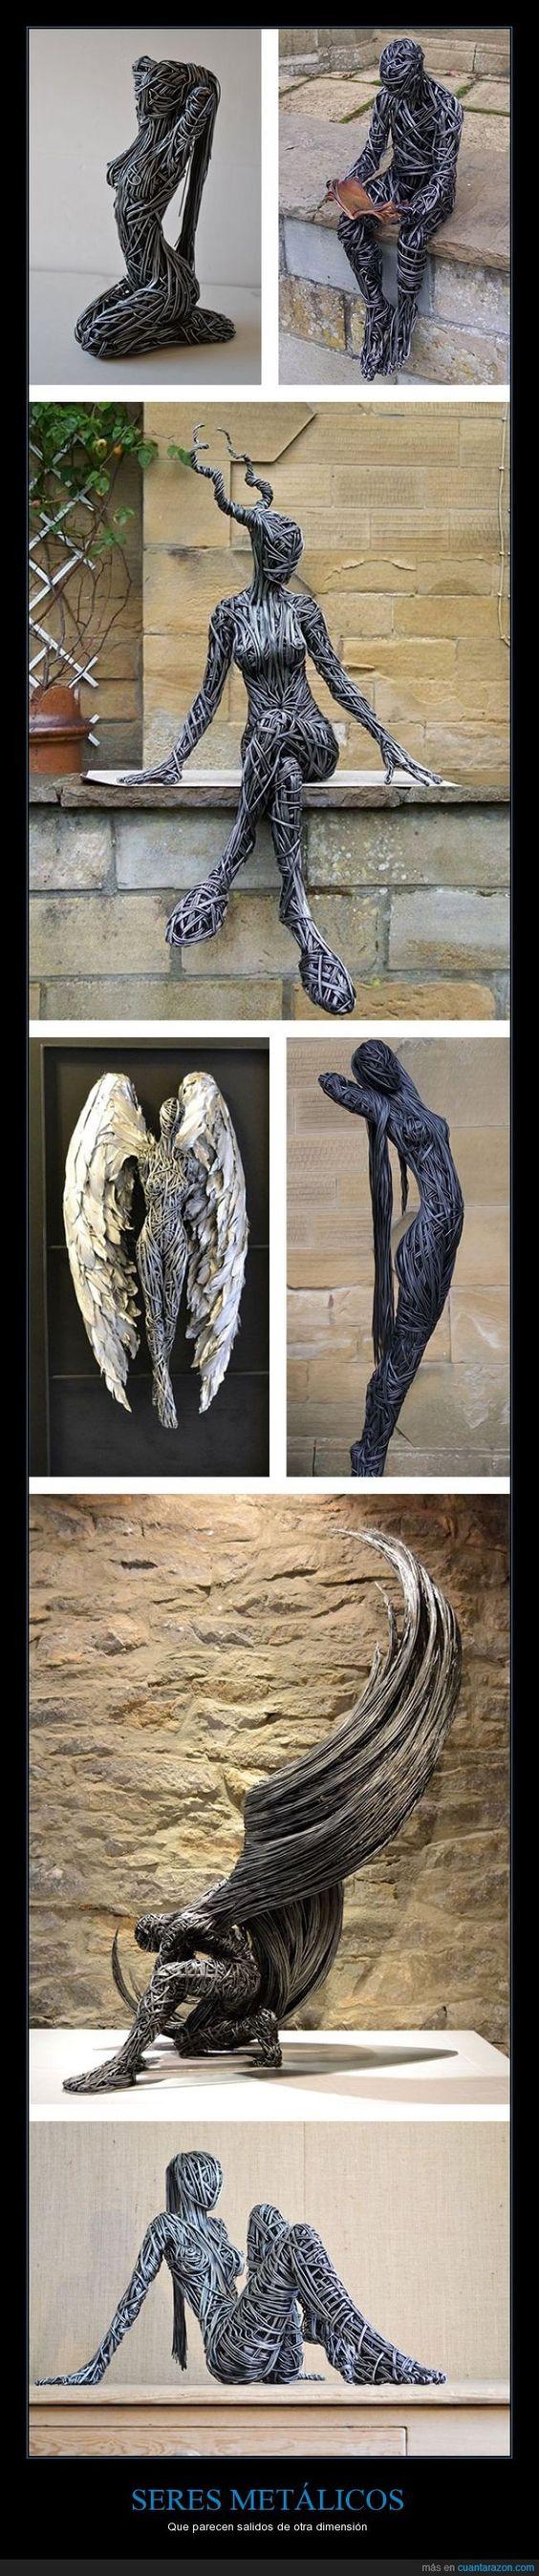 Son esculturas de metal muy intrincadas - Que parecen salidos de otra dimensión   Gracias a http://www.cuantarazon.com/   Si quieres leer la noticia completa visita: http://www.estoy-aburrido.com/son-esculturas-de-metal-muy-intrincadas-que-parecen-salidos-de-otra-dimension/